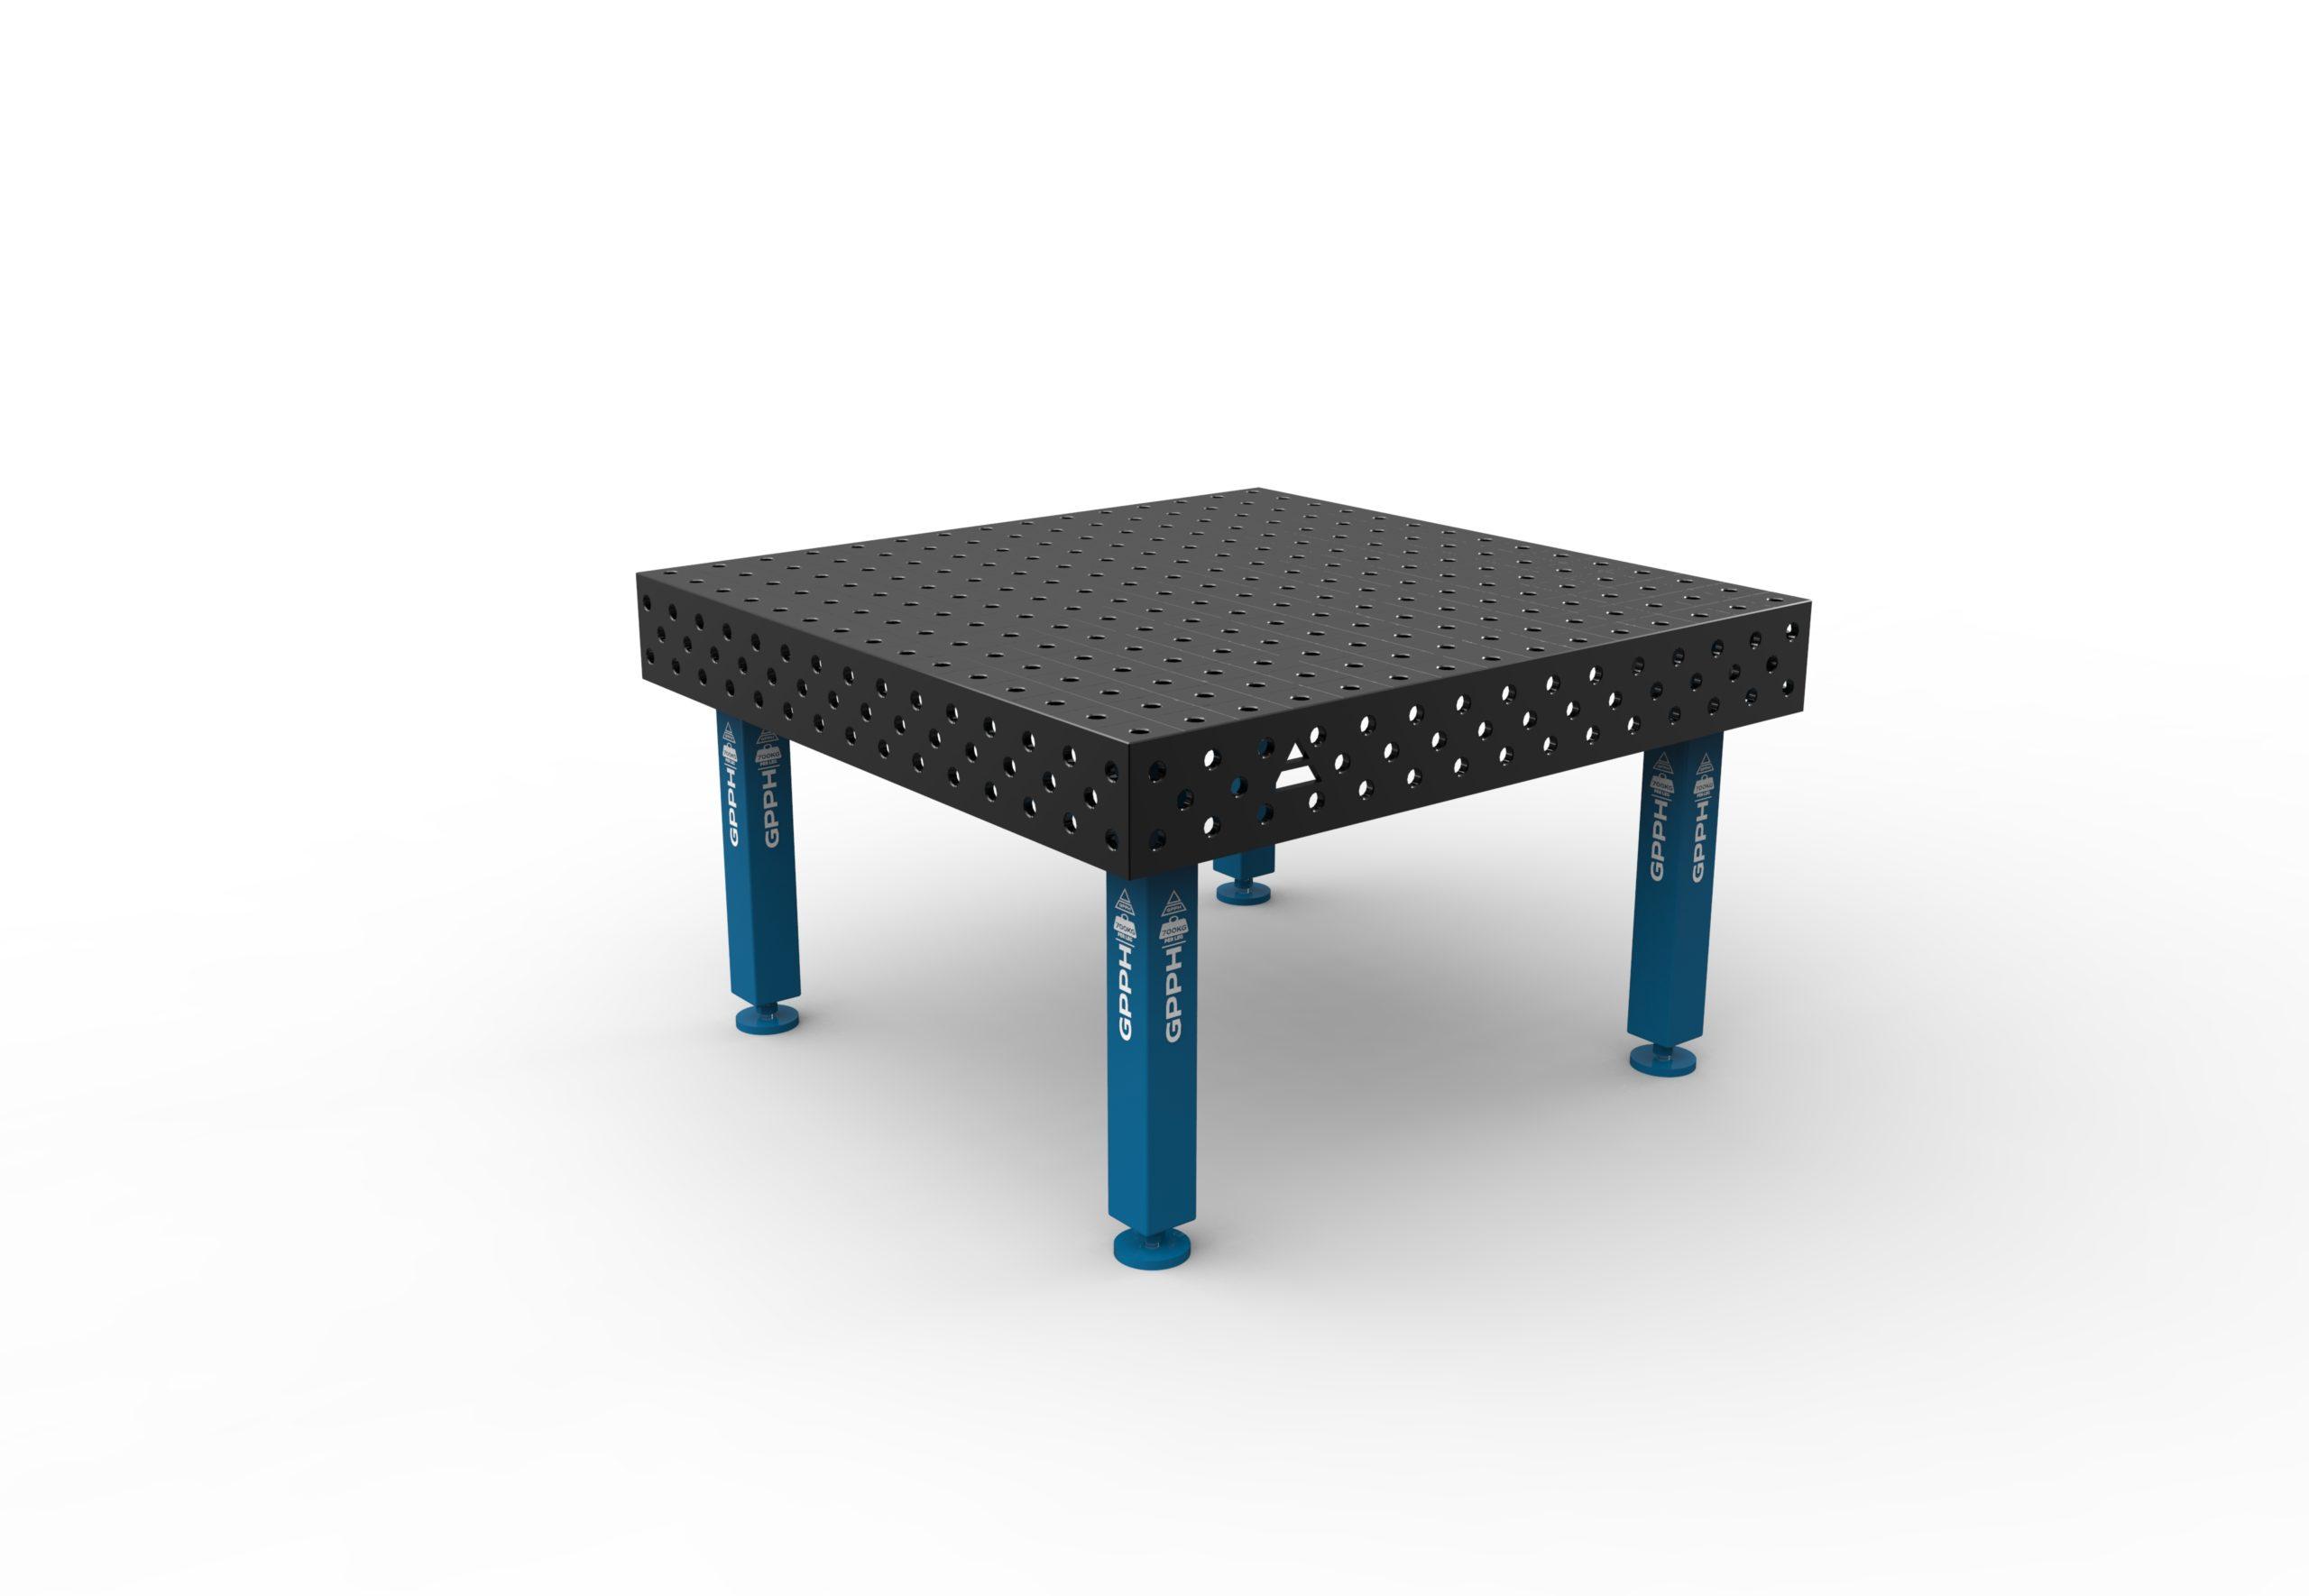 Table de soudage PRO 1500 x 1480 mm de GPPH